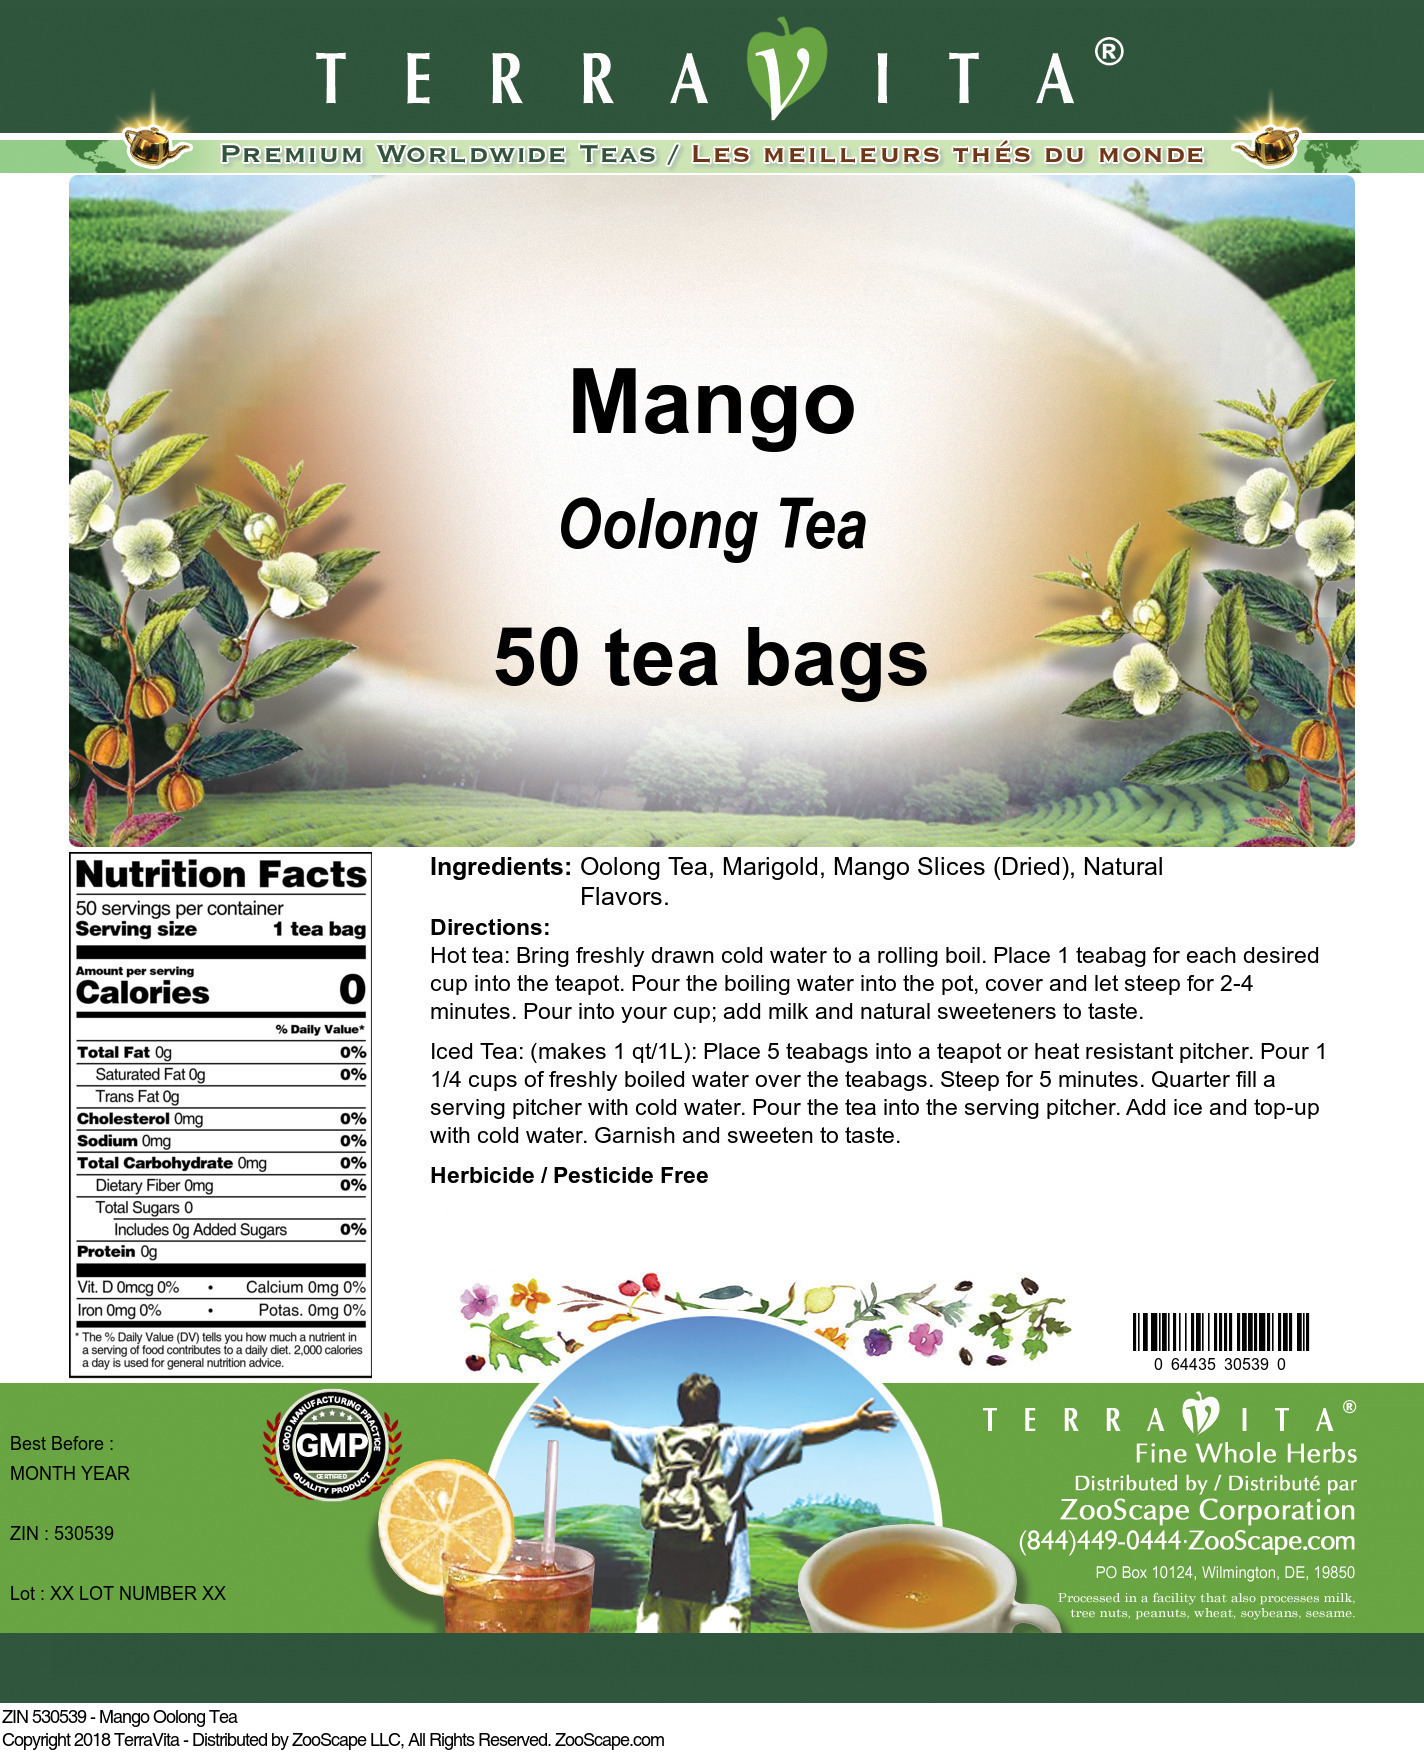 Mango Oolong Tea